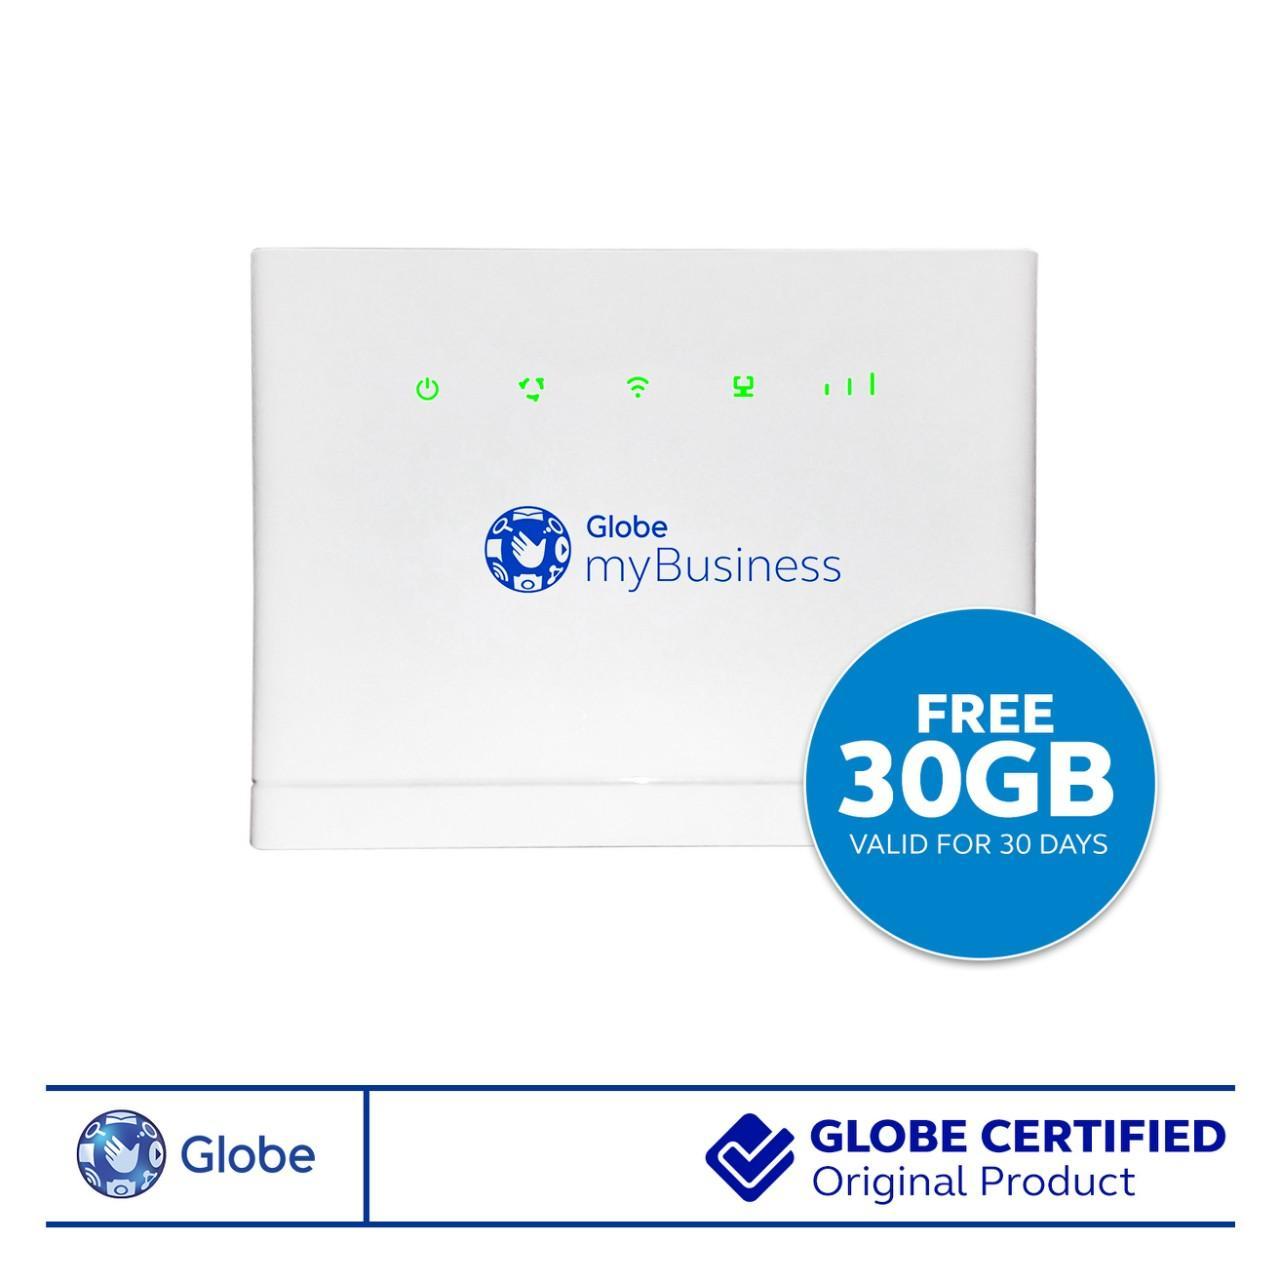 Prolink h6300g firmware download